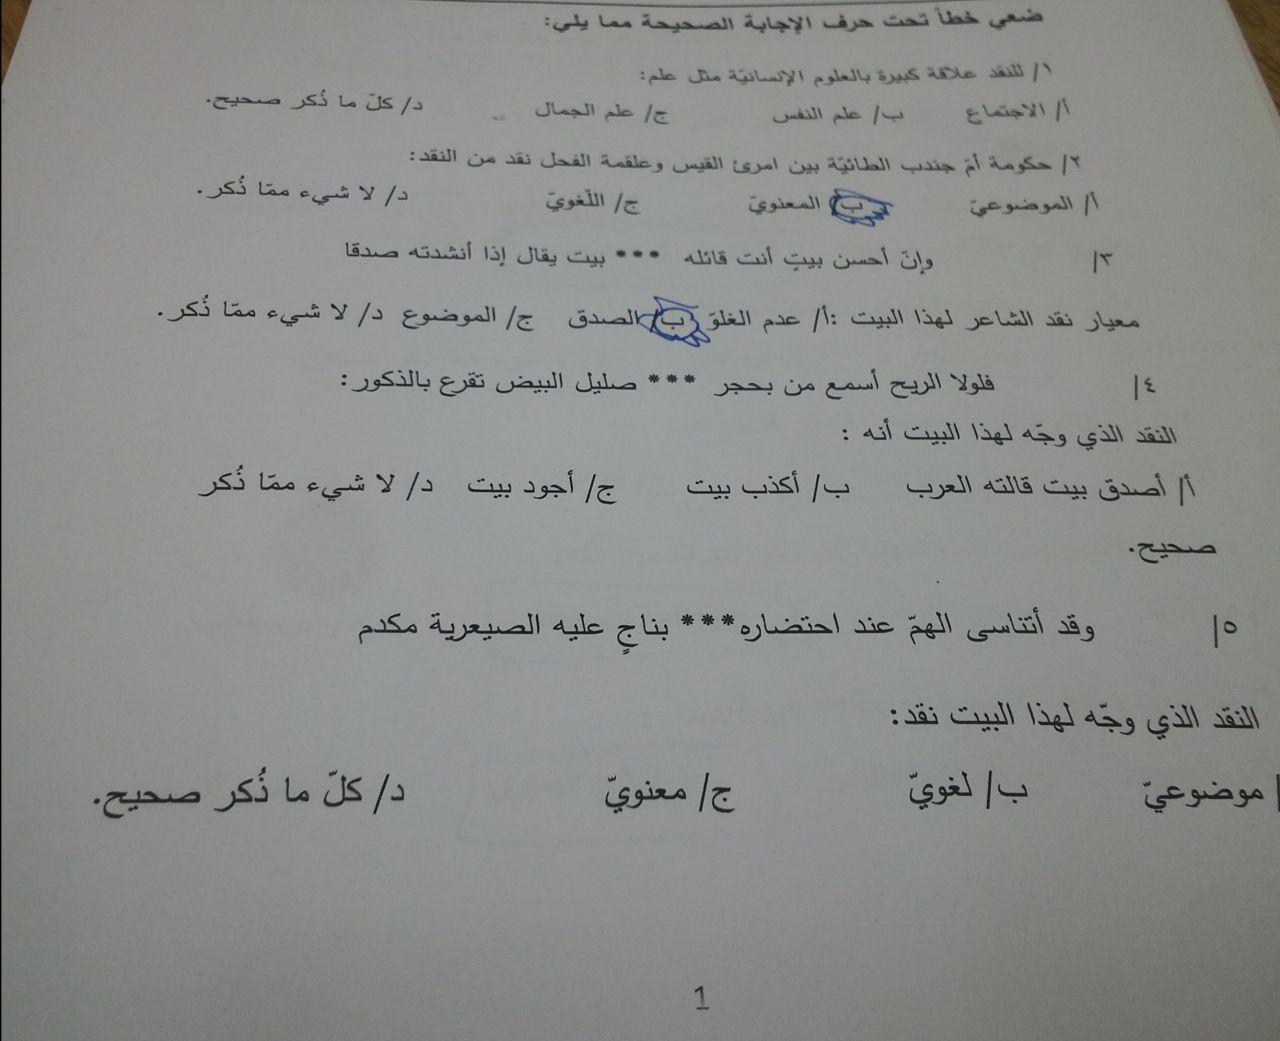 اسئلة اختبار صرف 2 الفصل الثاني 1436هـ IMG-20150520-WA0001.